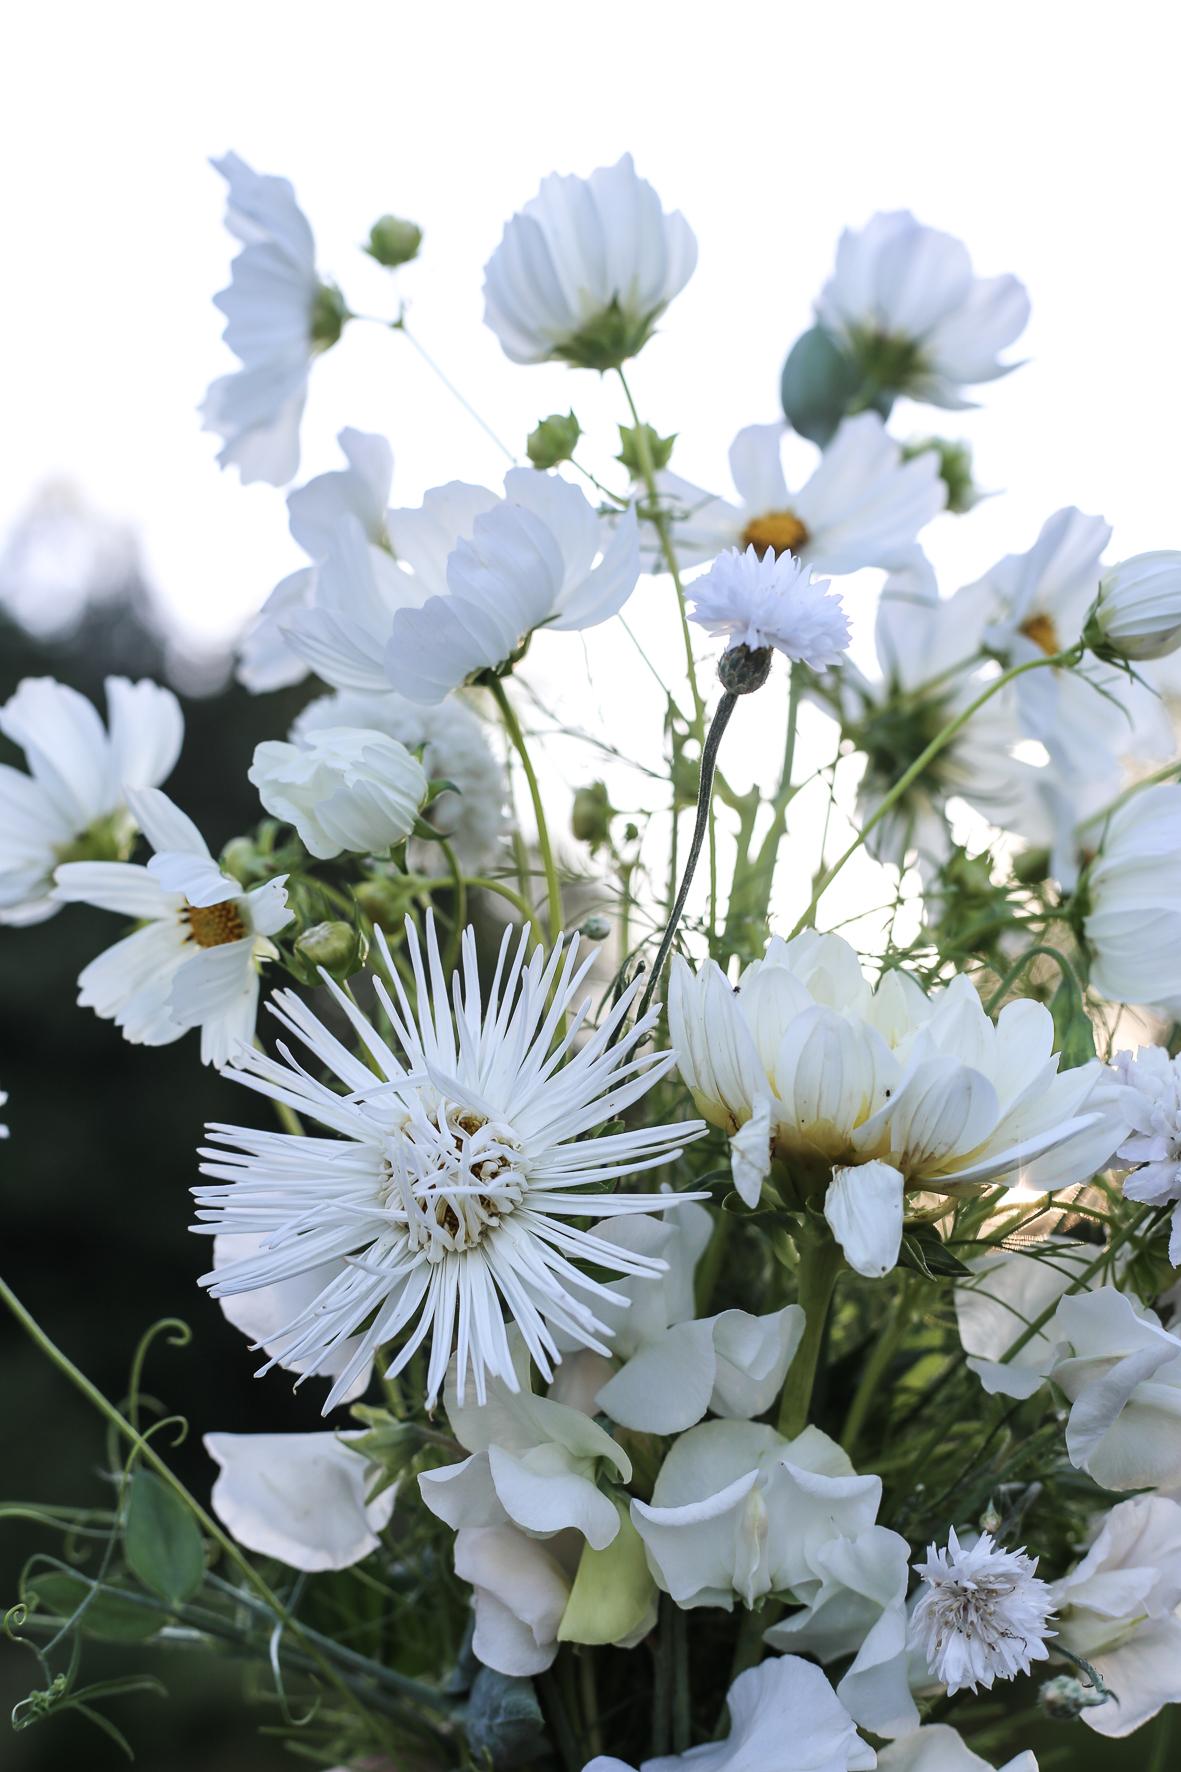 Rosenskära, sommaraster, dahlia, luktärt och blåklint i en krispigt vit bukett.